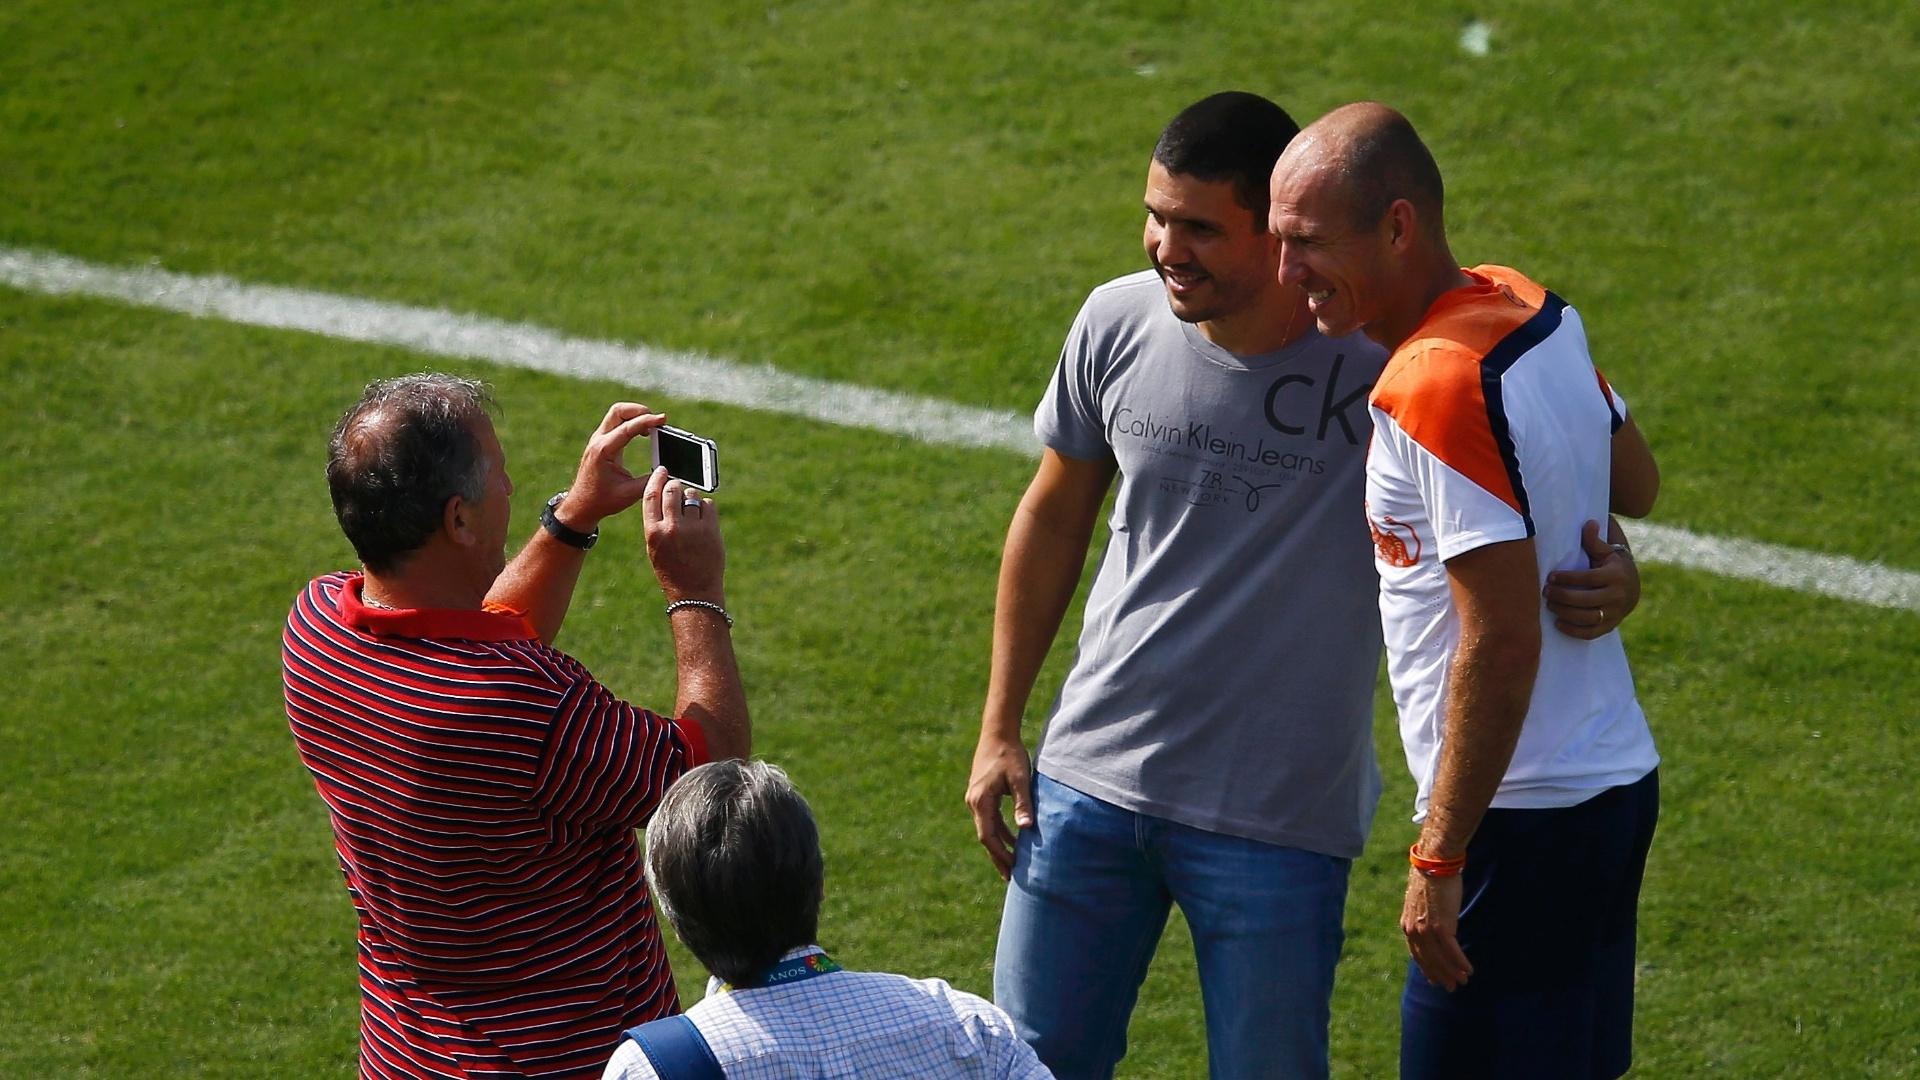 Zico tira uma foto do seu filho Bruno ao lado do meia Robben, da seleção holandesa